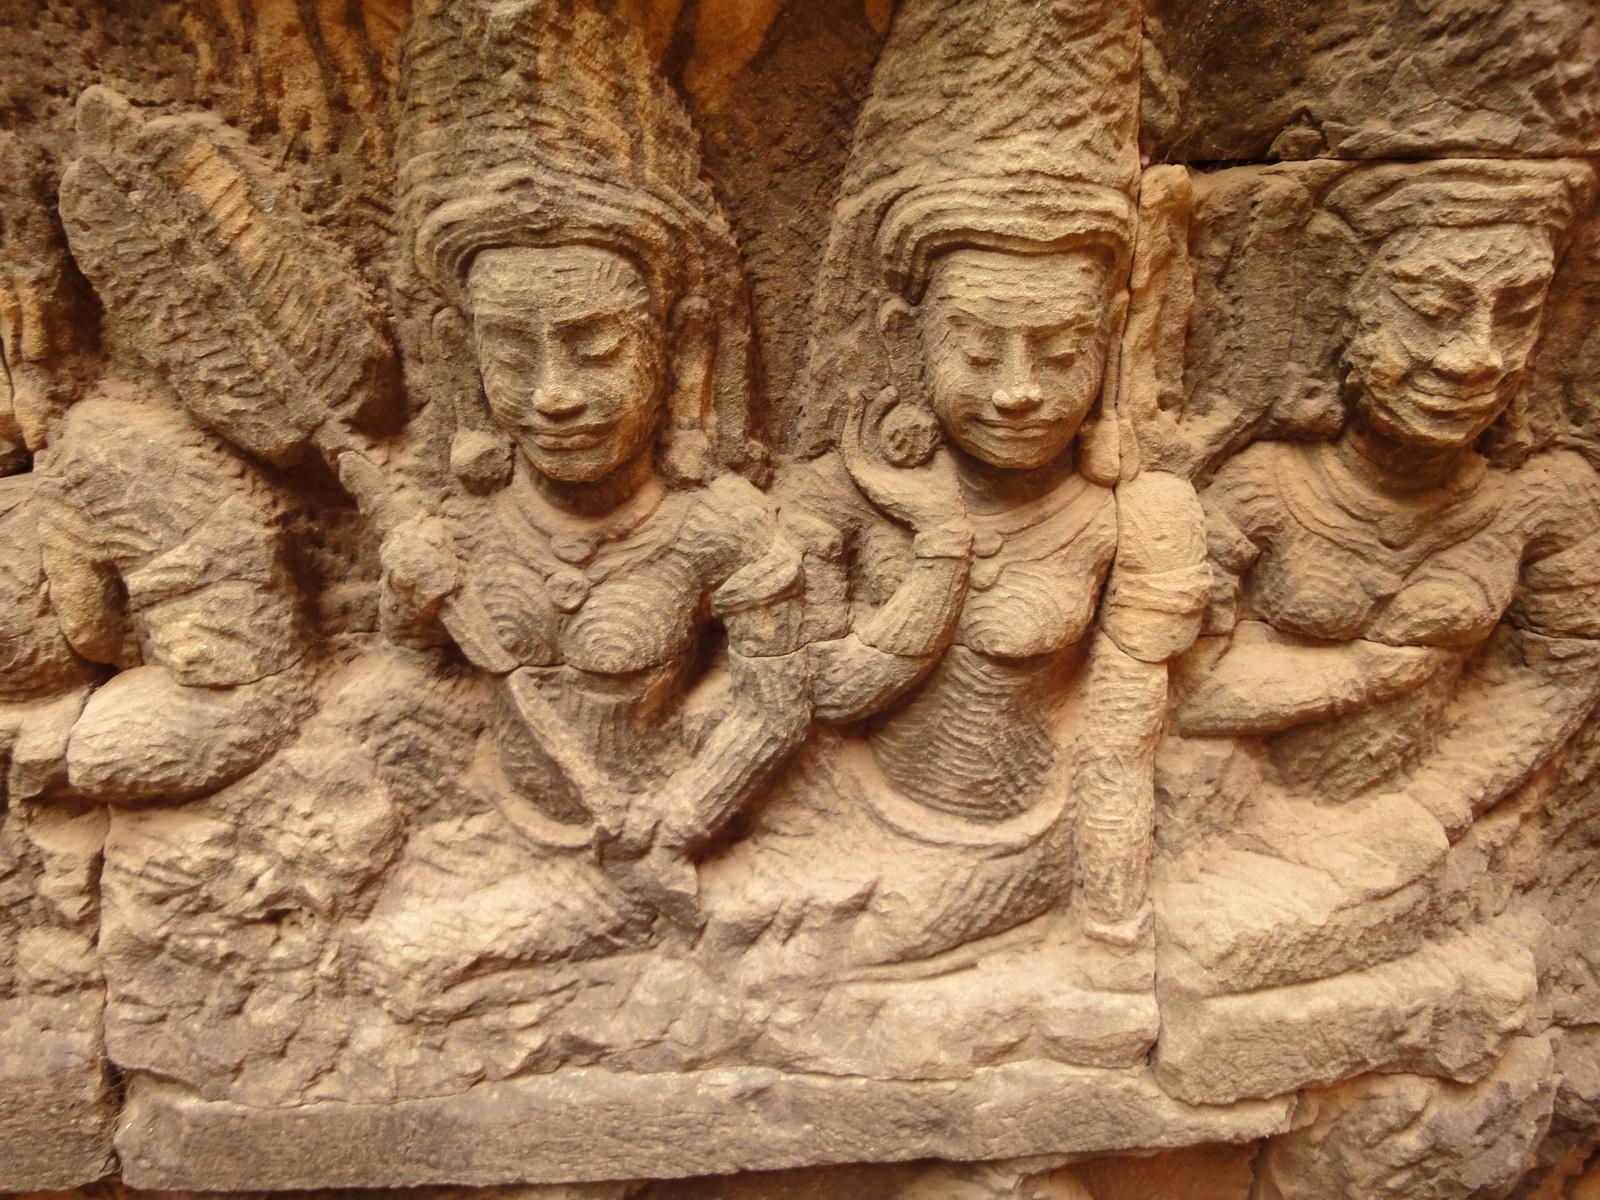 Leper King Terrace hidden wall underworld Nagas and deities 105